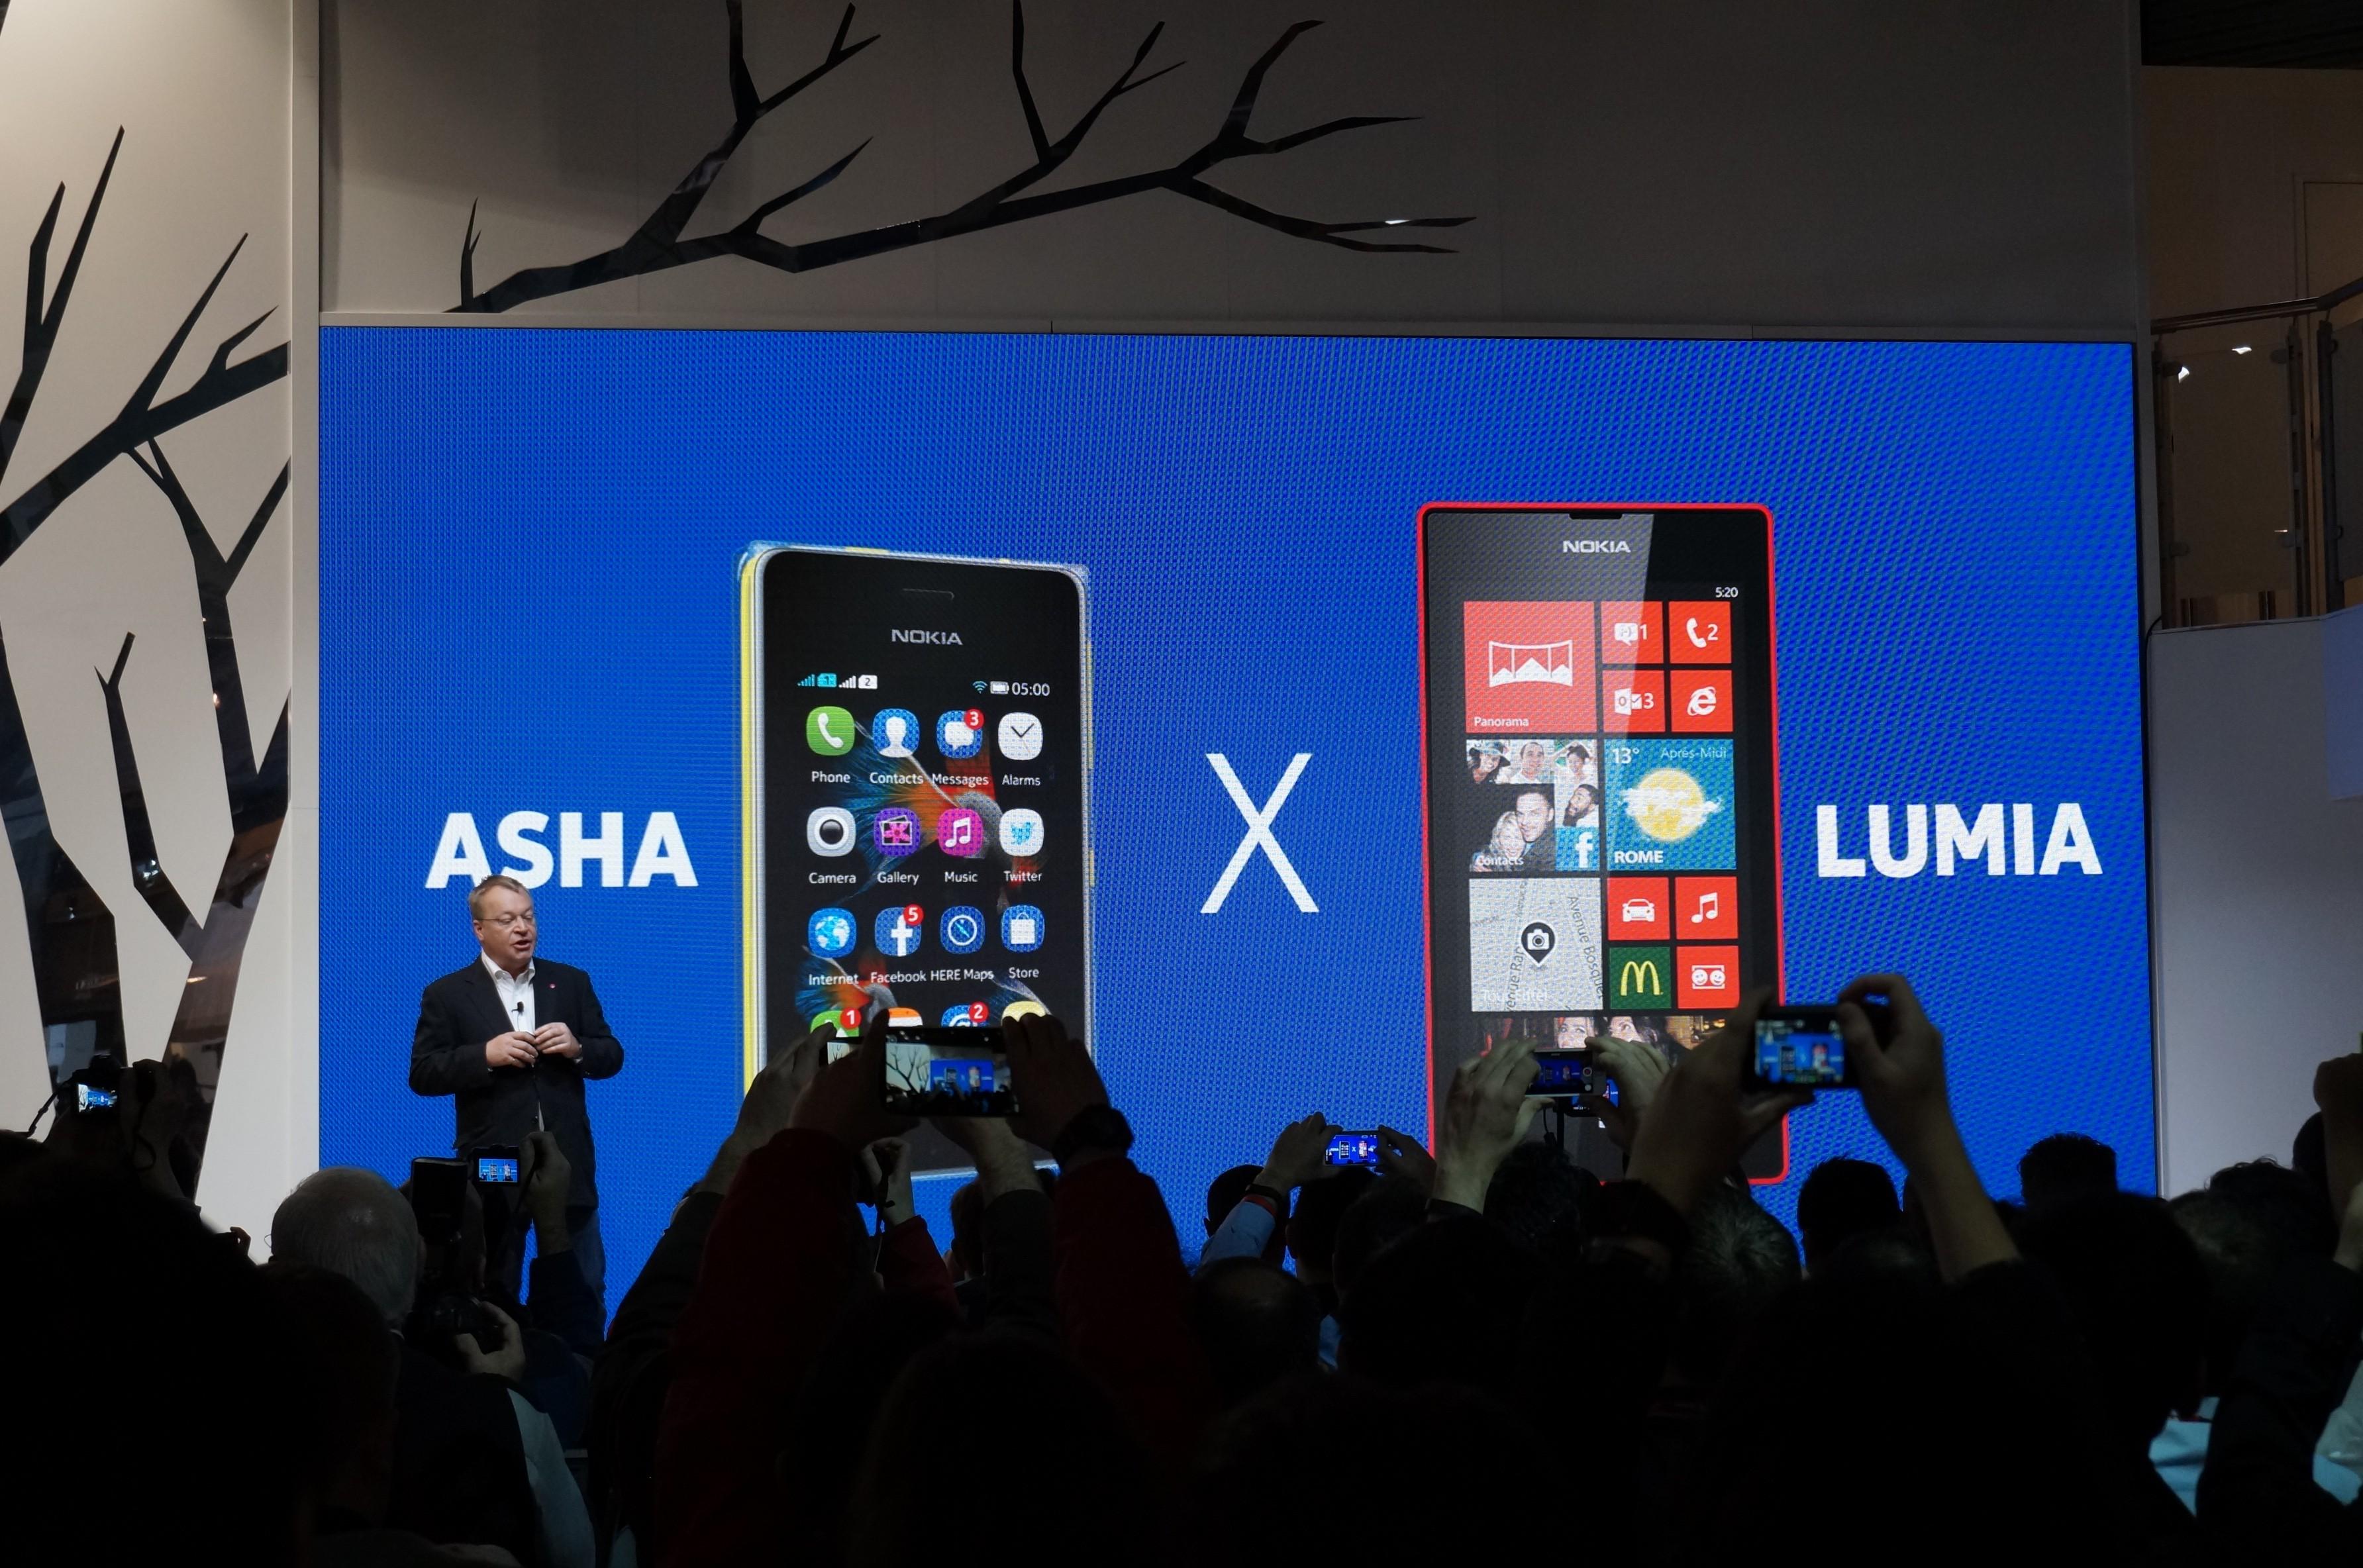 nokiax31 - Nokia X: Cài sẵn ứng dụng Zalo khi bán ra